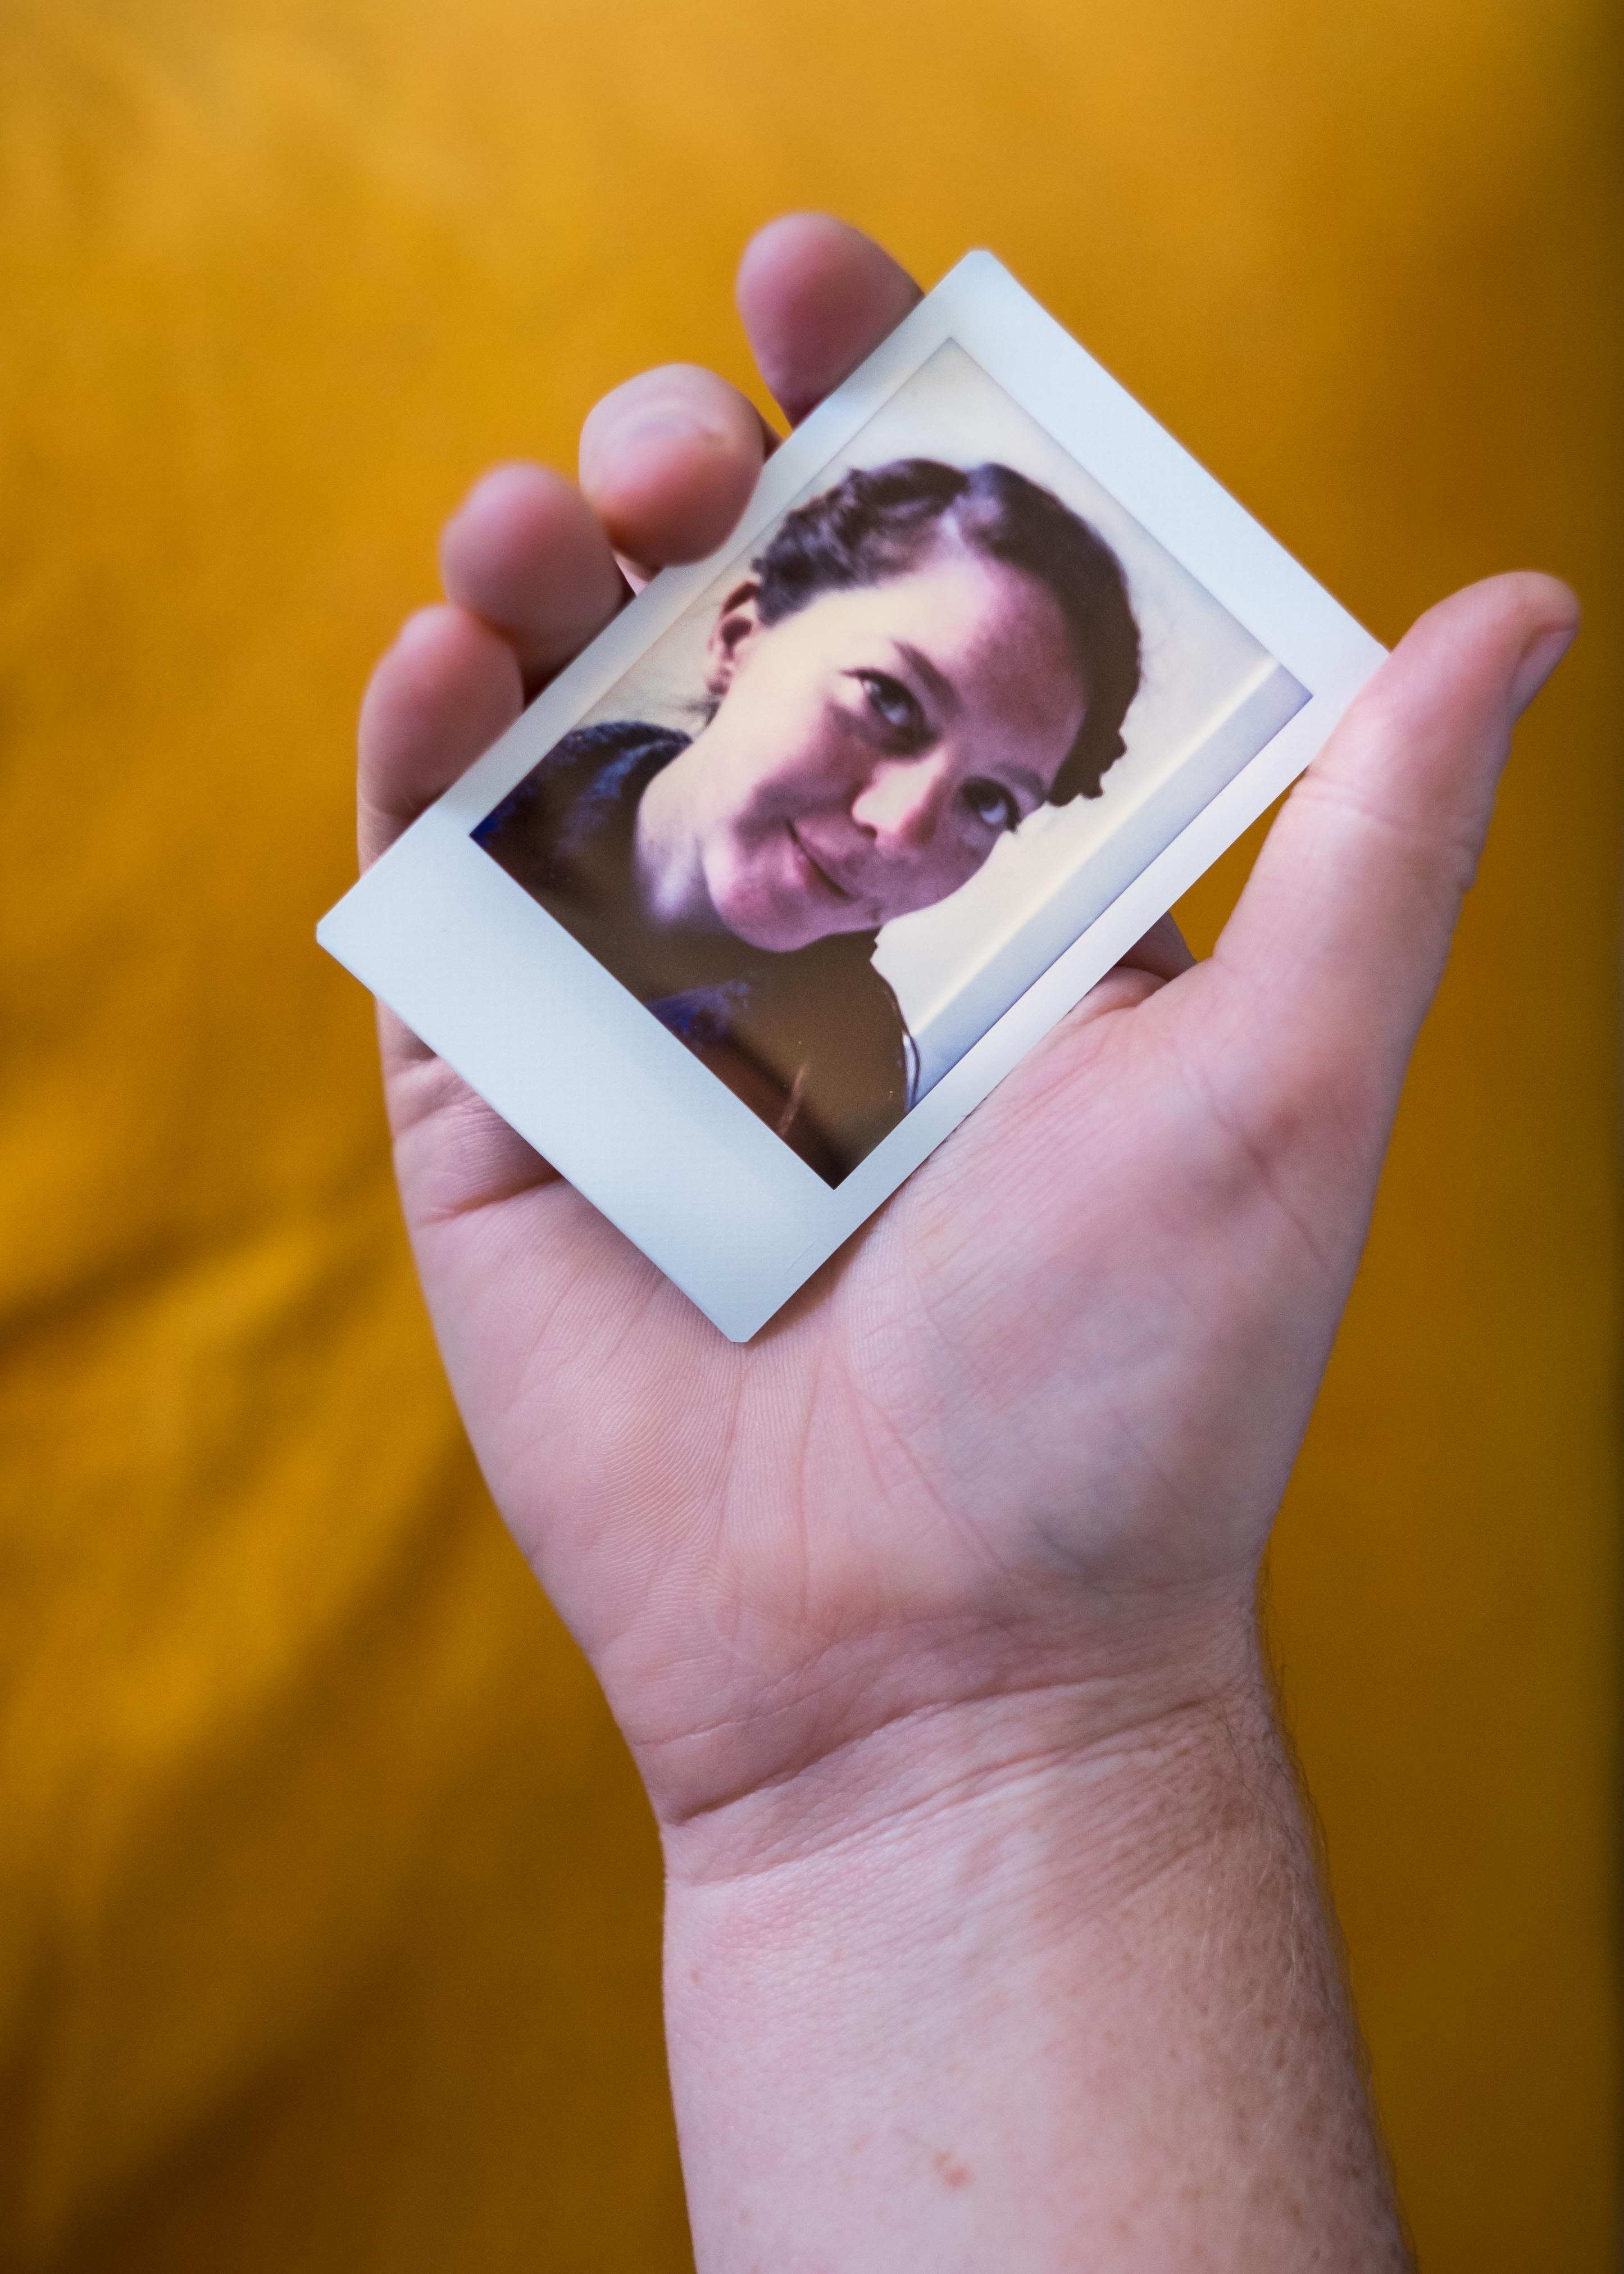 Olivier Bourget portrait dans la main-80